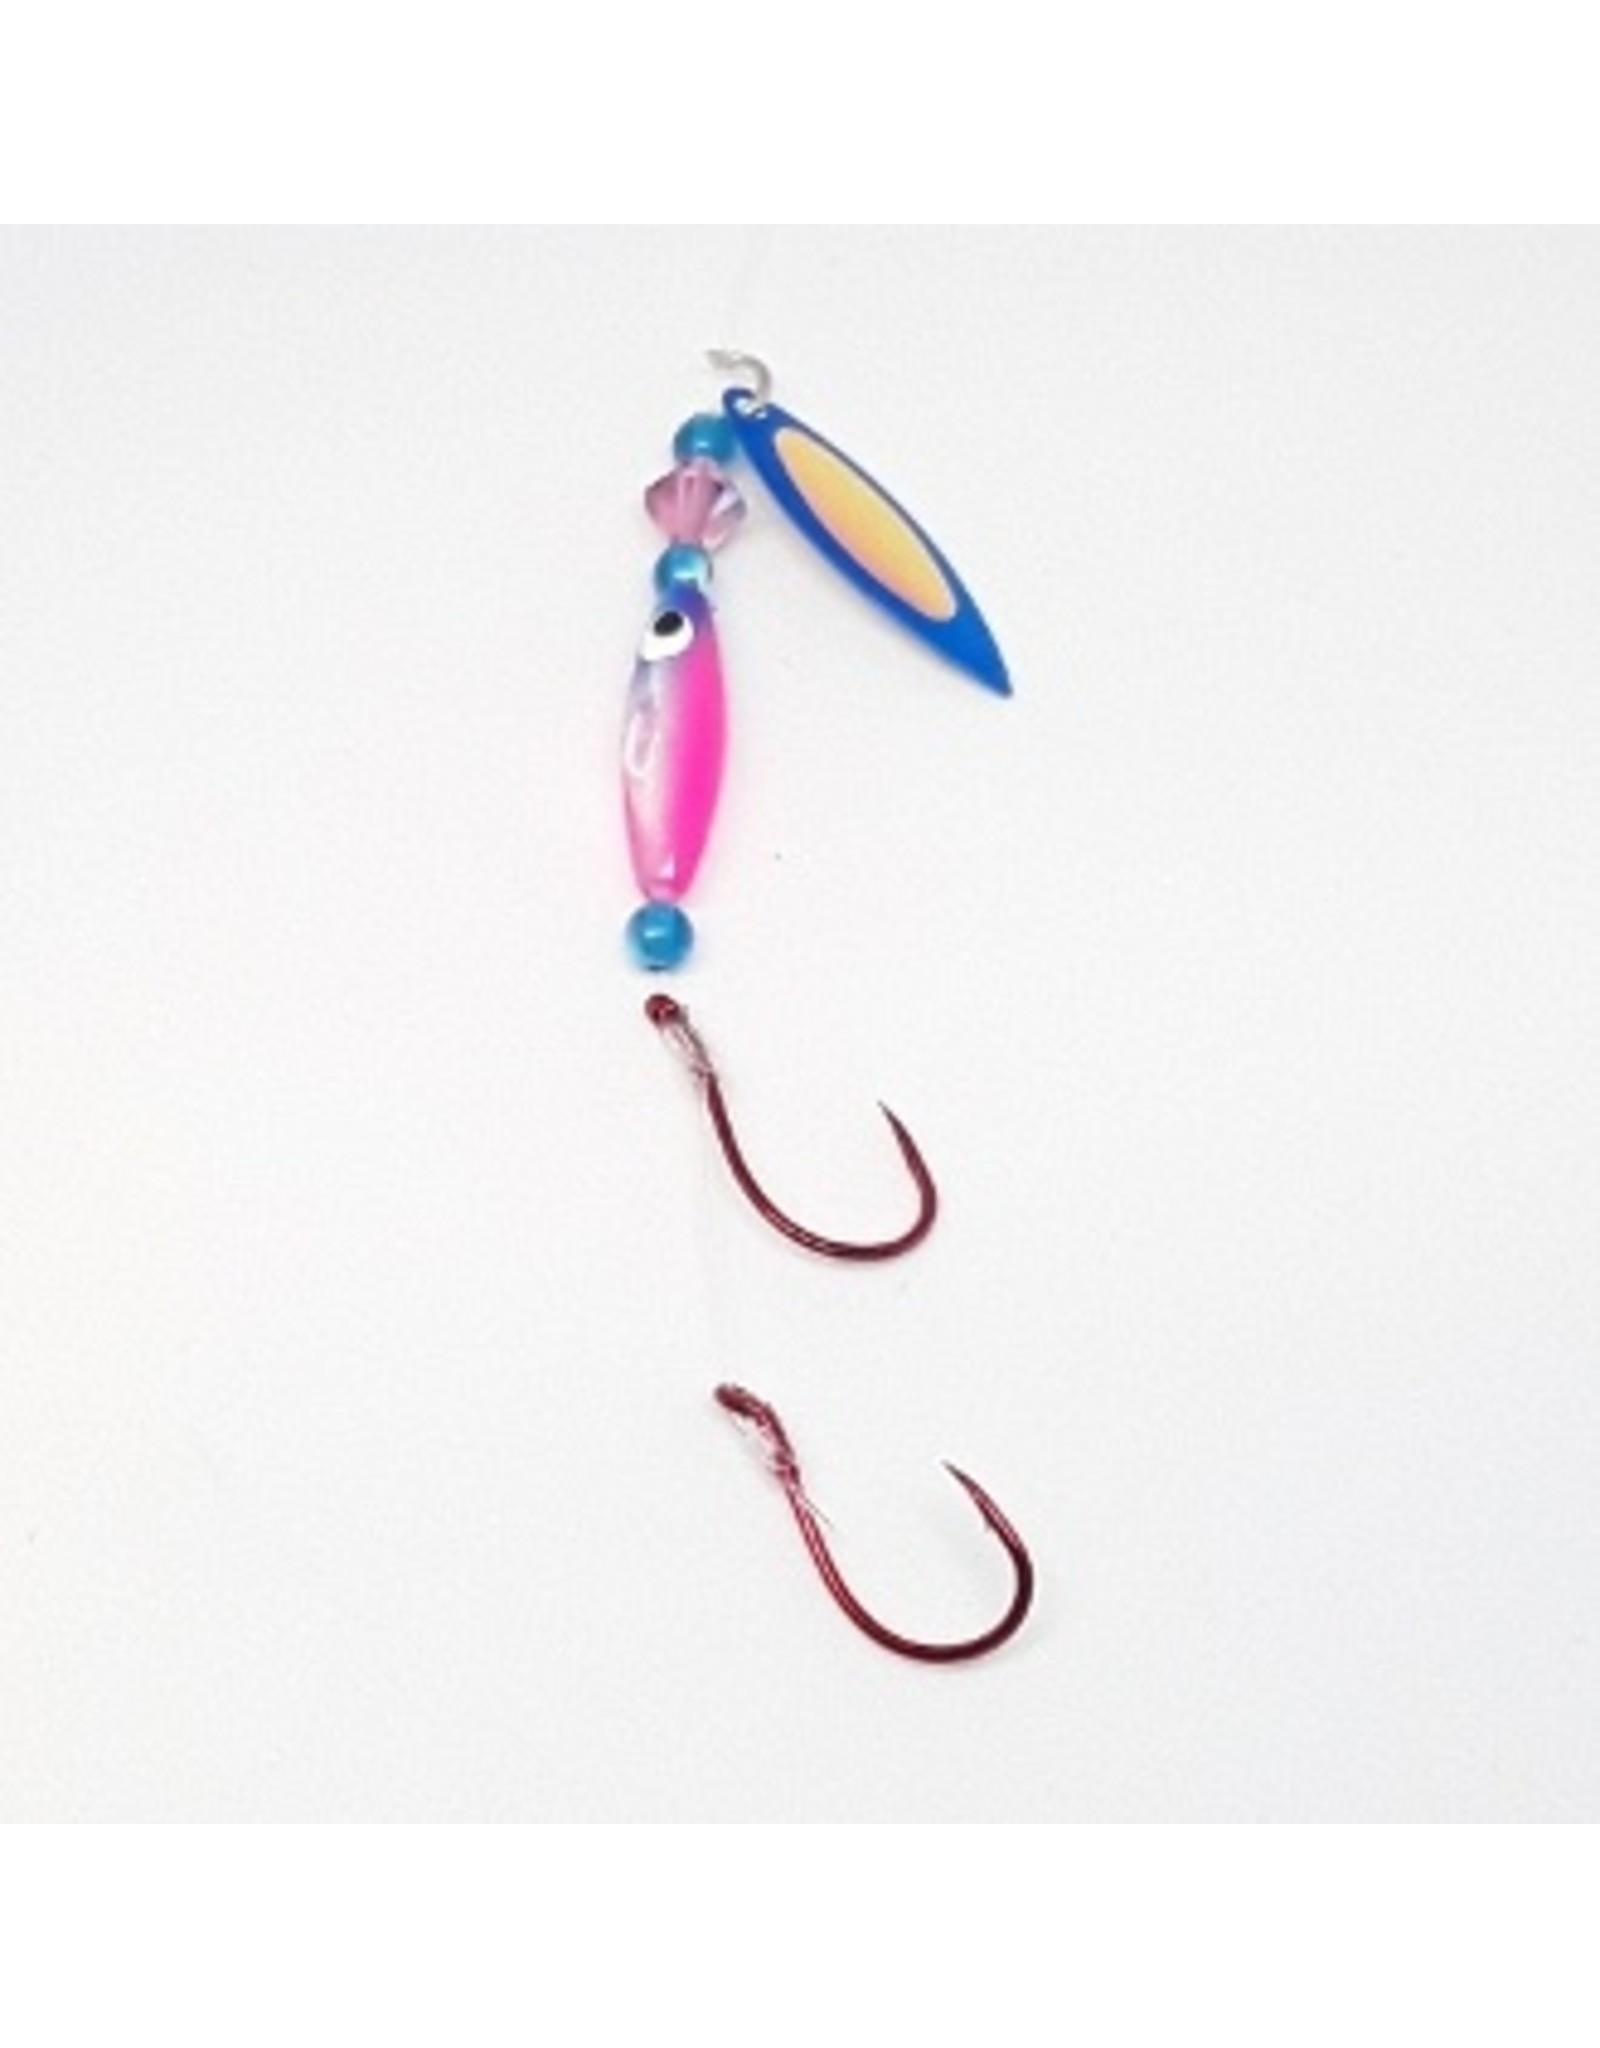 Kokabow Fishing Tackle - Koka Bug - Predator